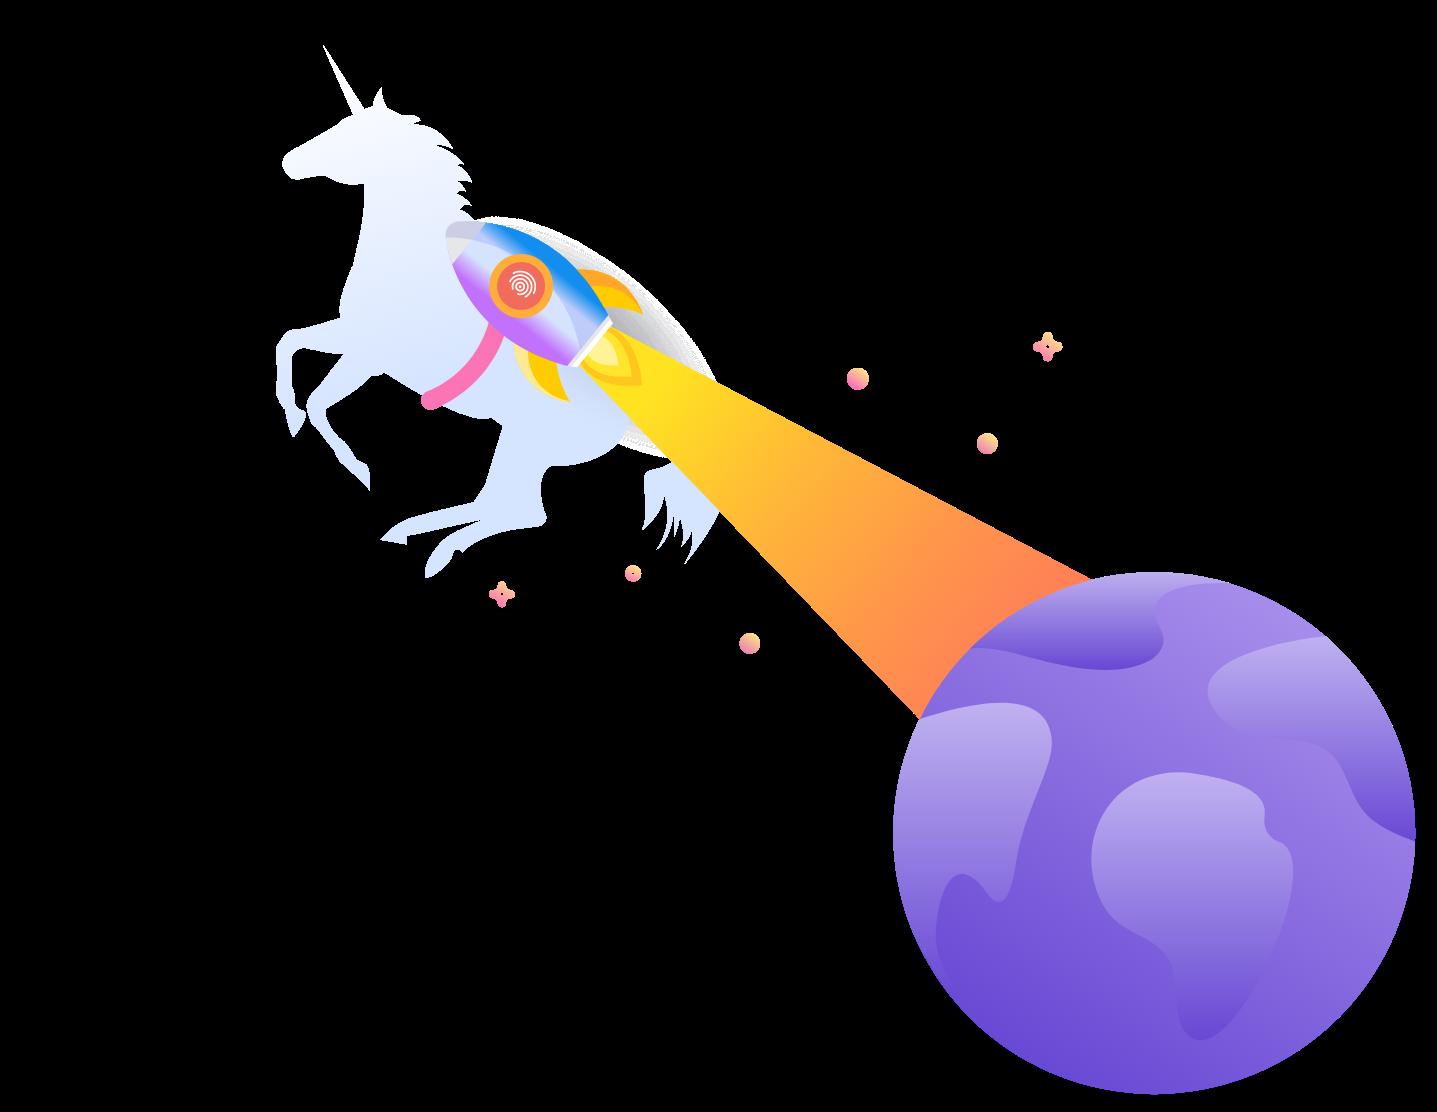 Rocket Unicorn